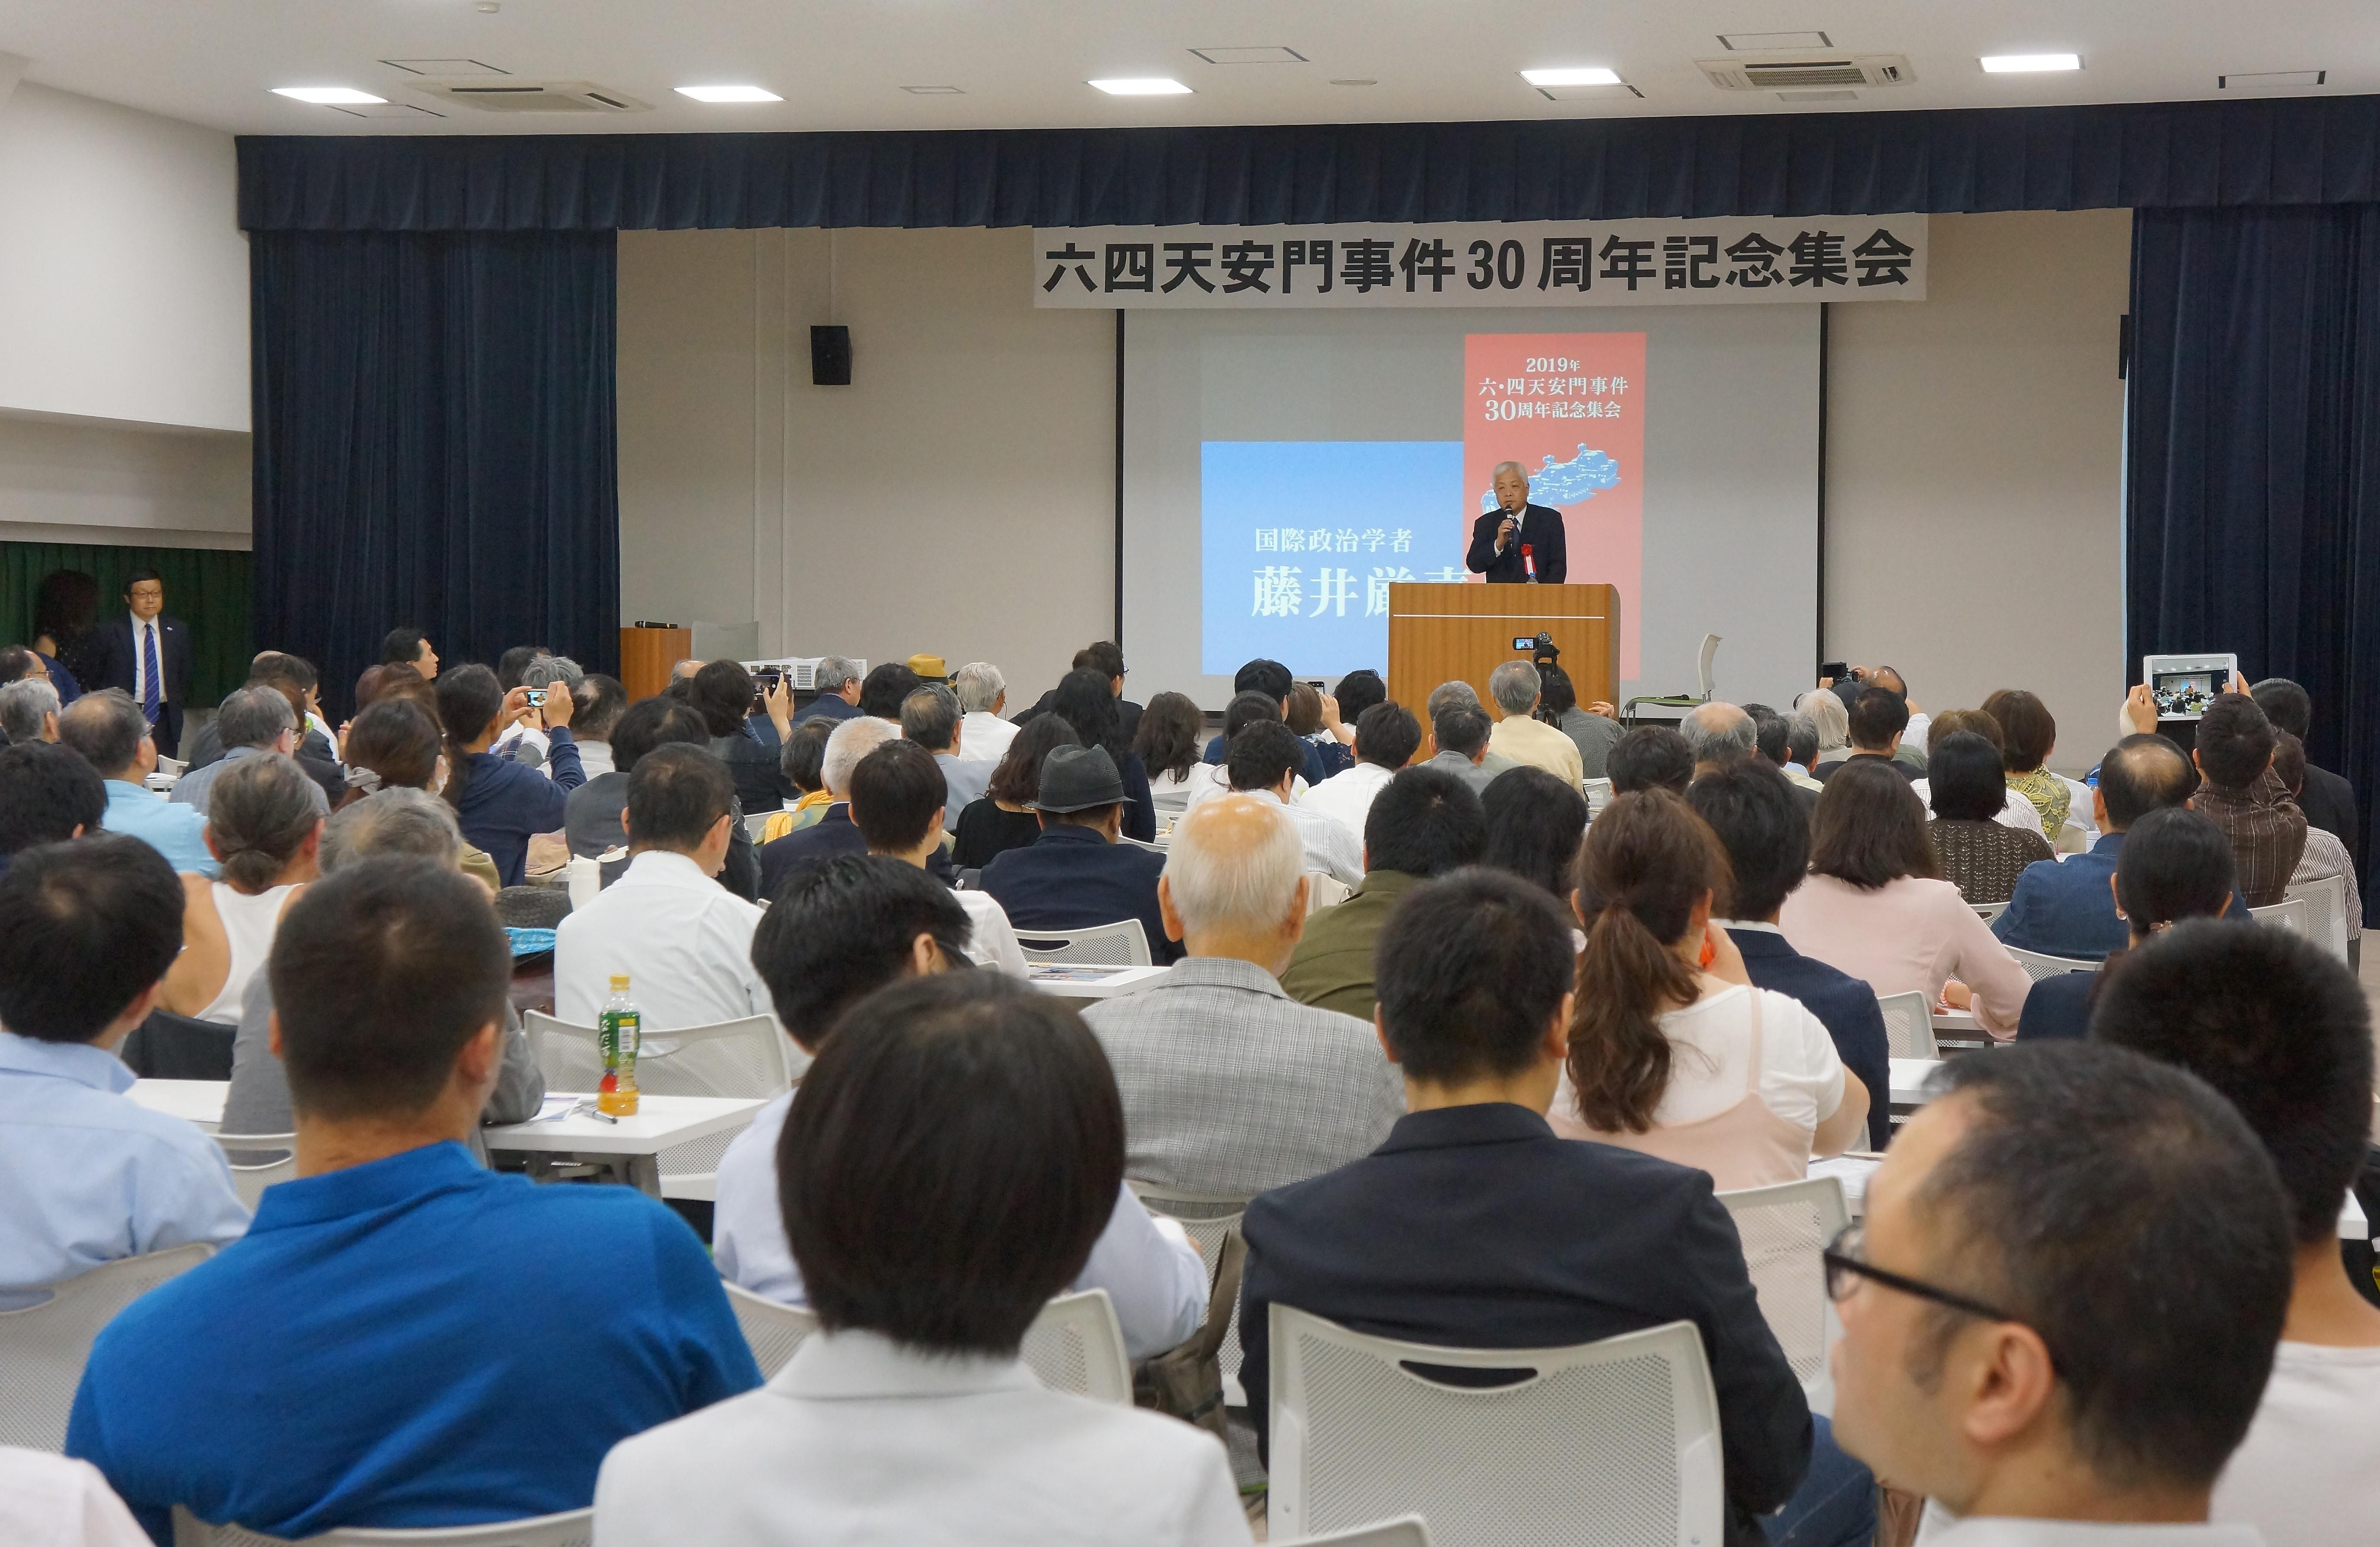 中国共産党政権独裁体制を改め中国の民主化を願う人々が結集した集会